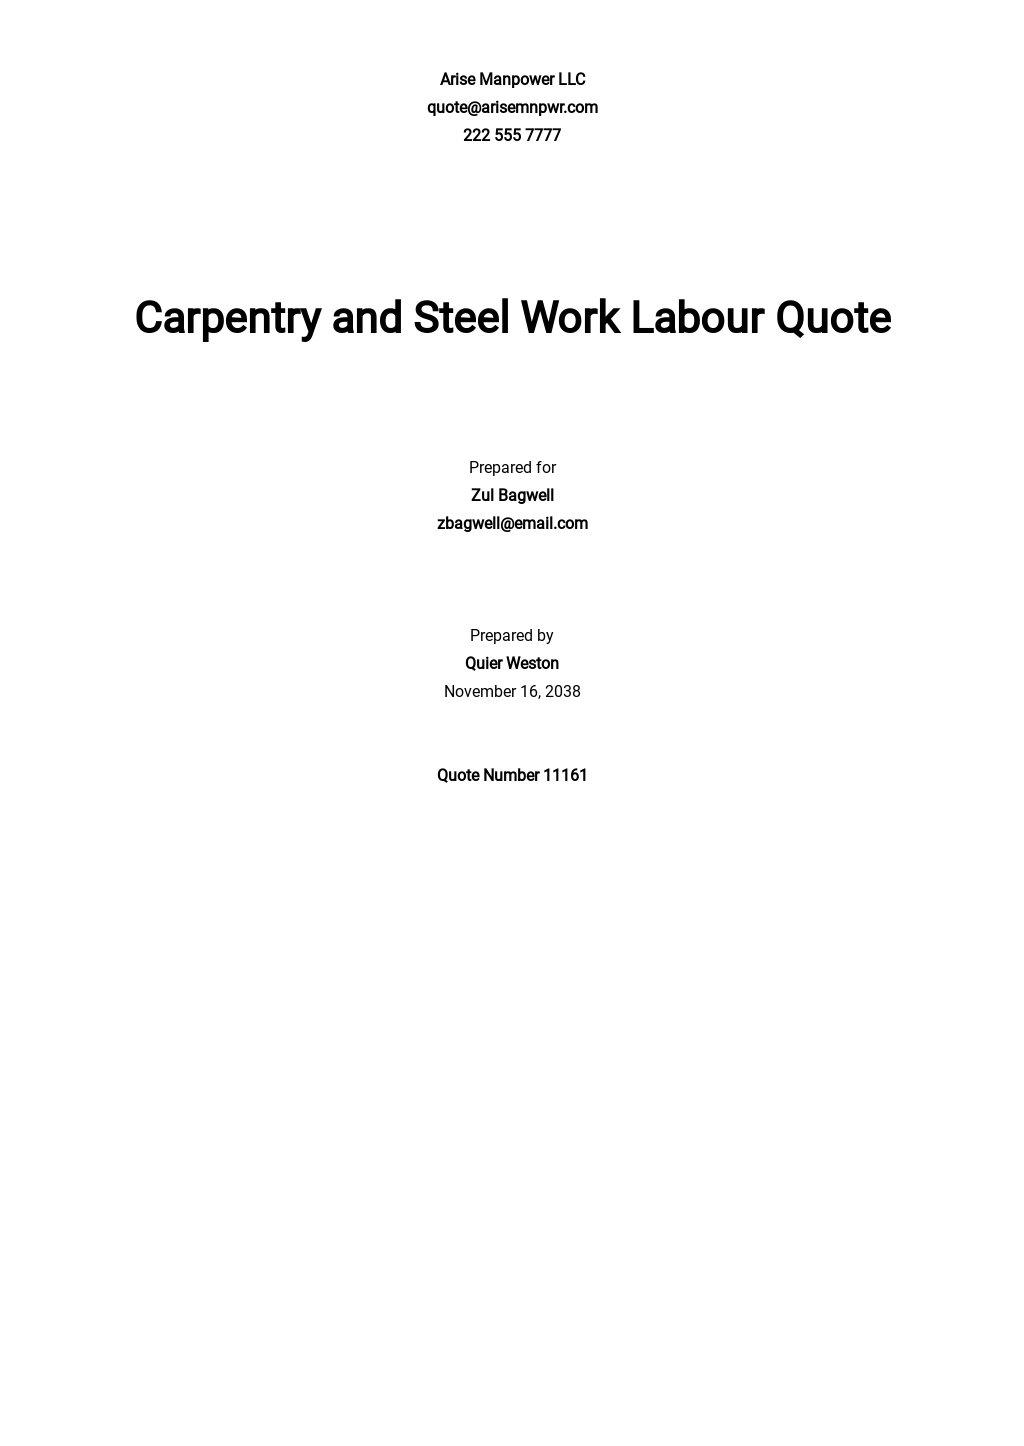 Labour Quotation for Building Construction Template